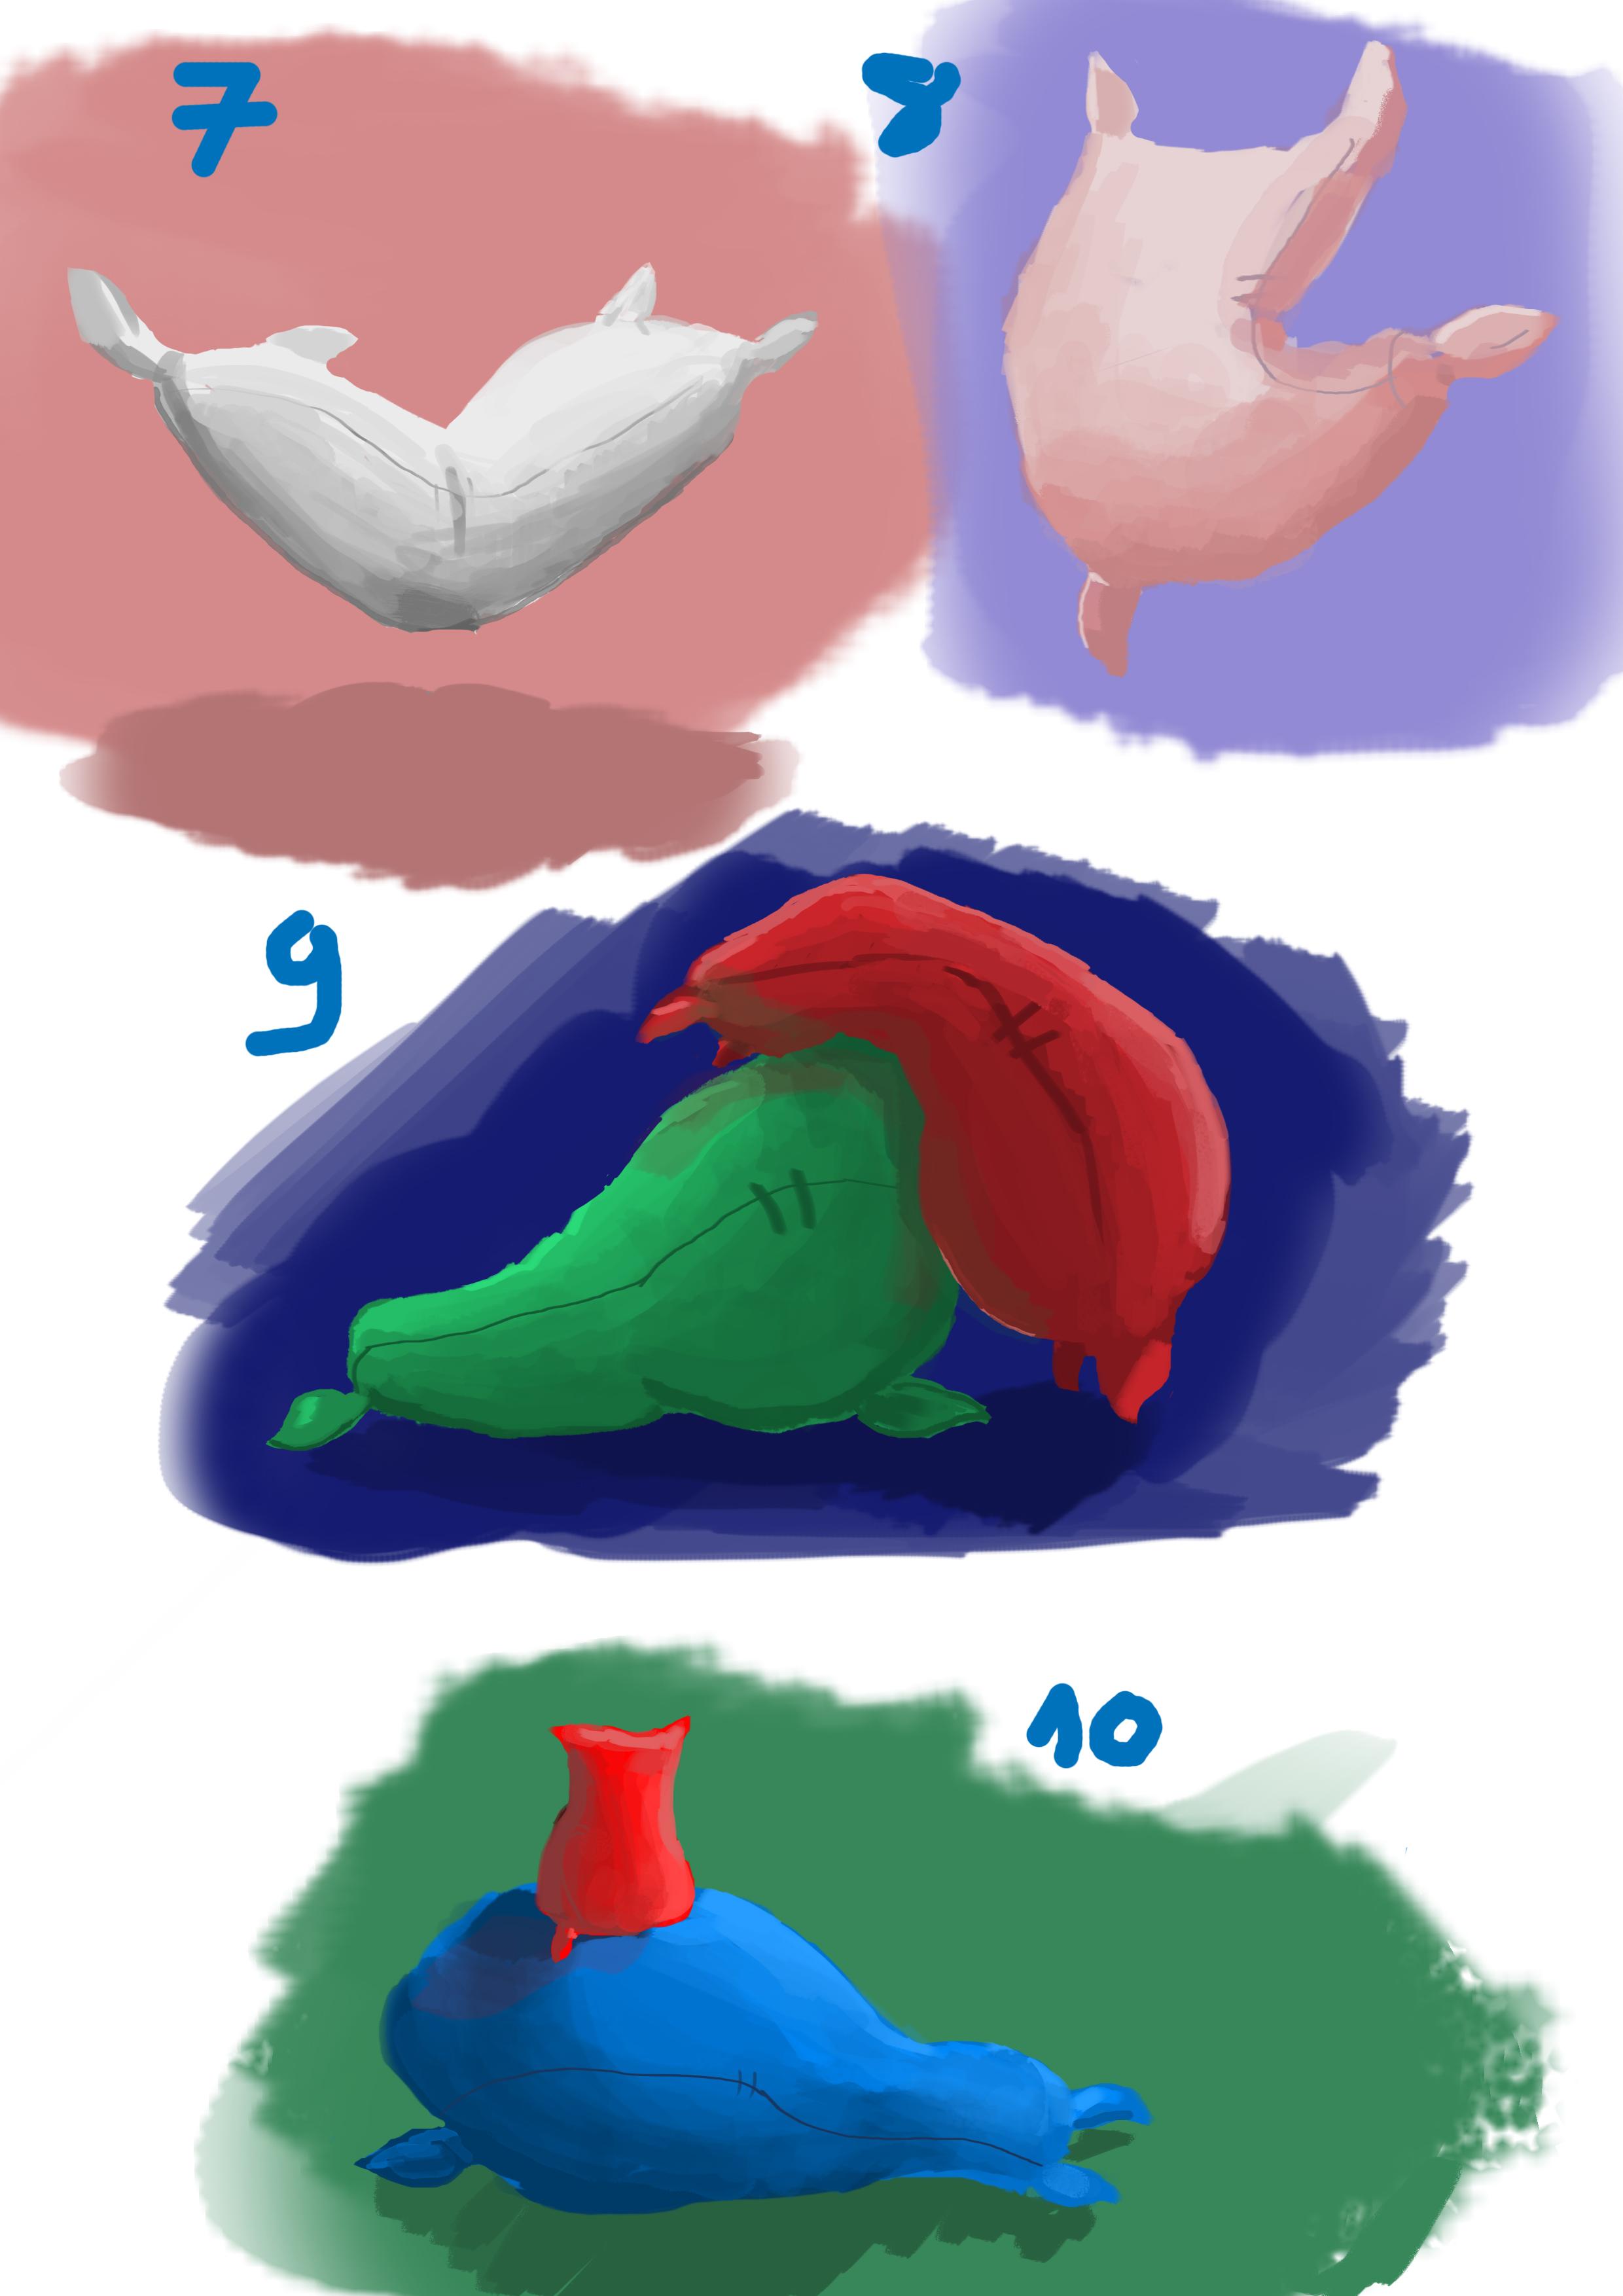 Flour sack / pillows 2